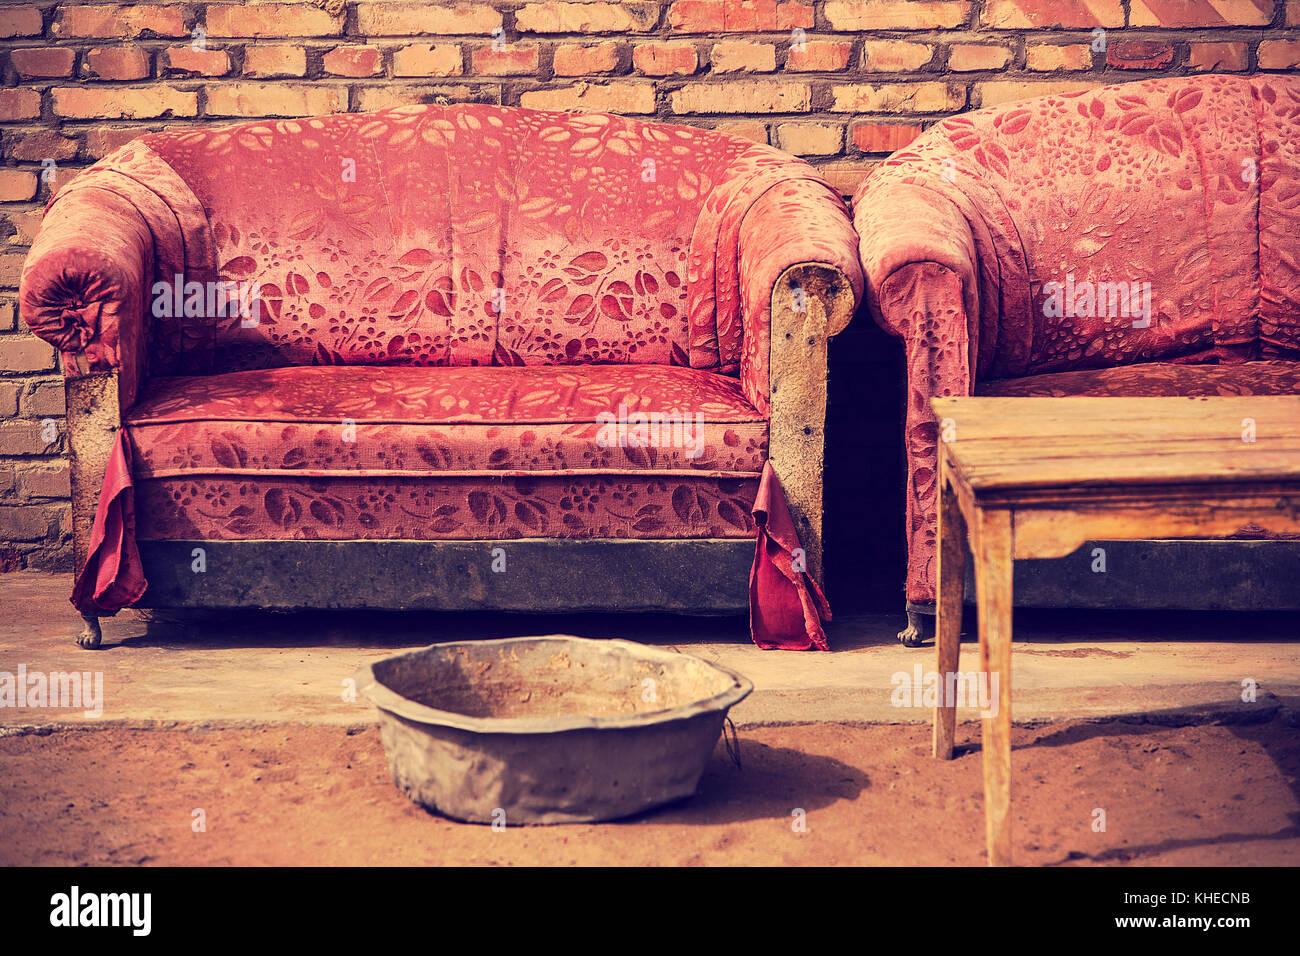 vintage sofas, badain jaran - Stock Image